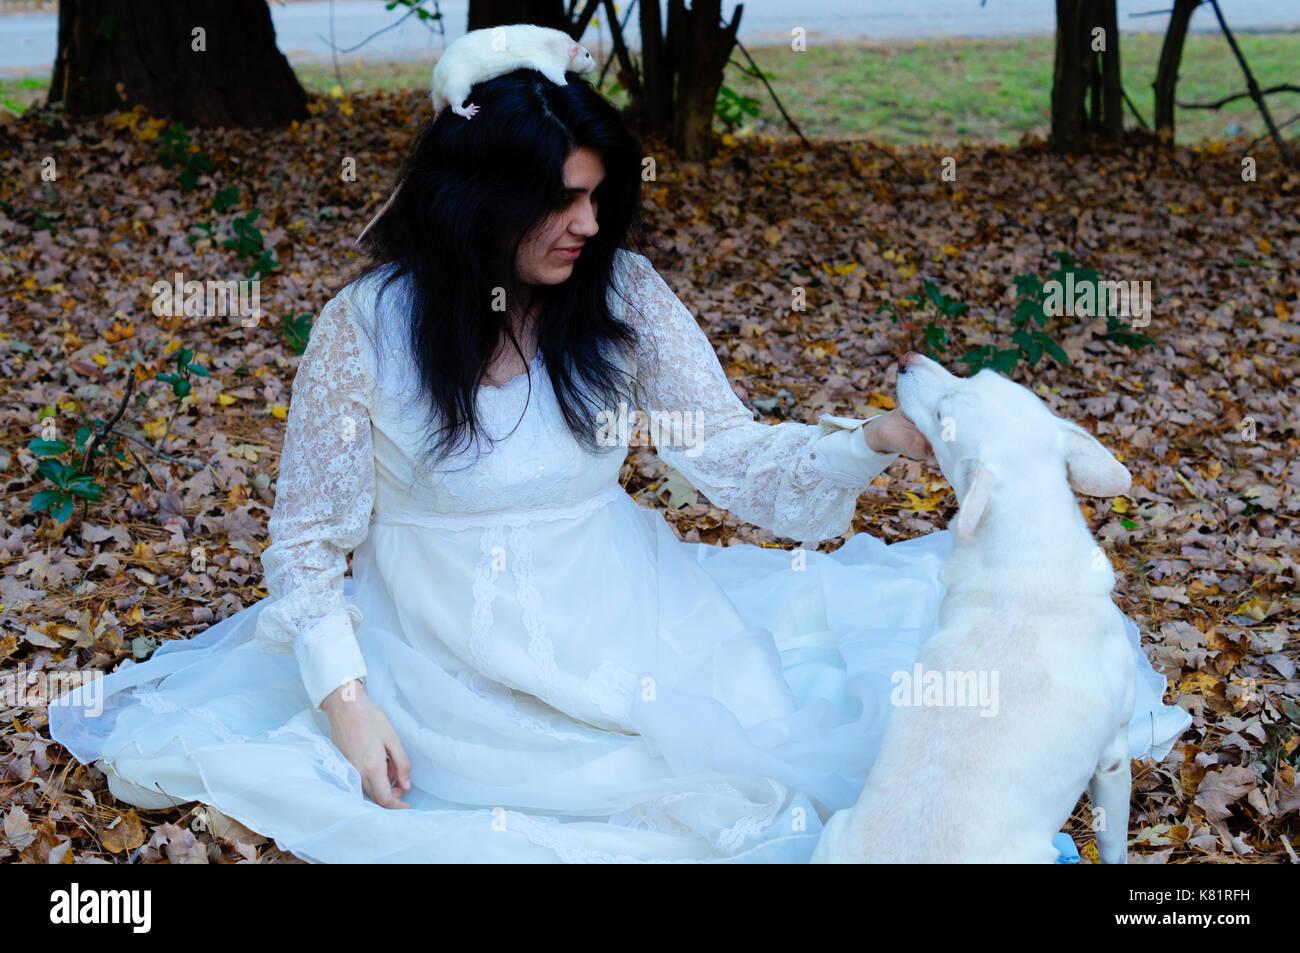 Jovencita sentarse acariciar a un perro blanco mientras una rata blanca en su cabeza Imagen De Stock